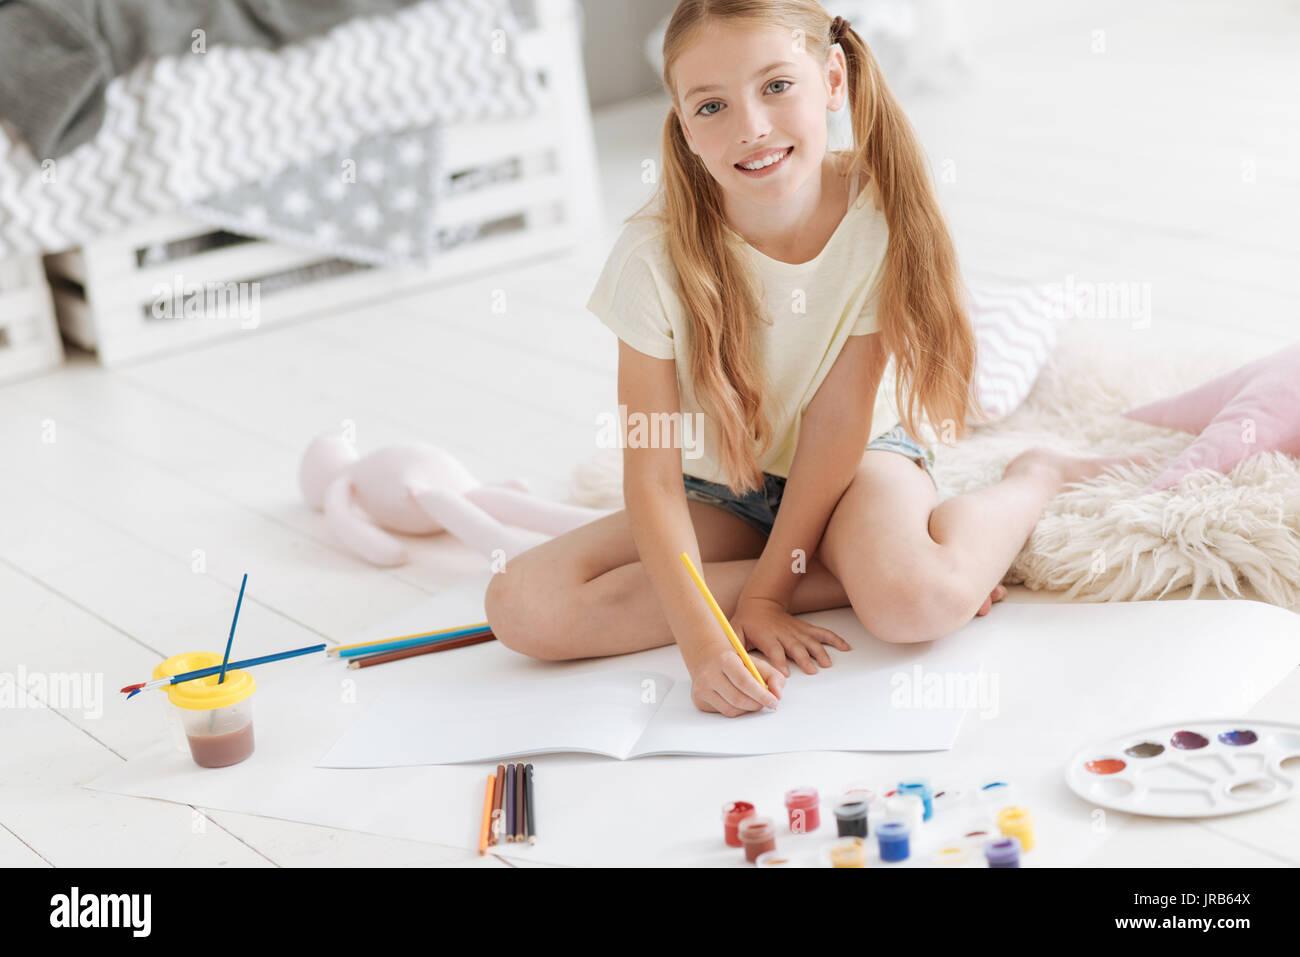 Bella ragazza cerca nella fotocamera durante il disegno Immagini Stock